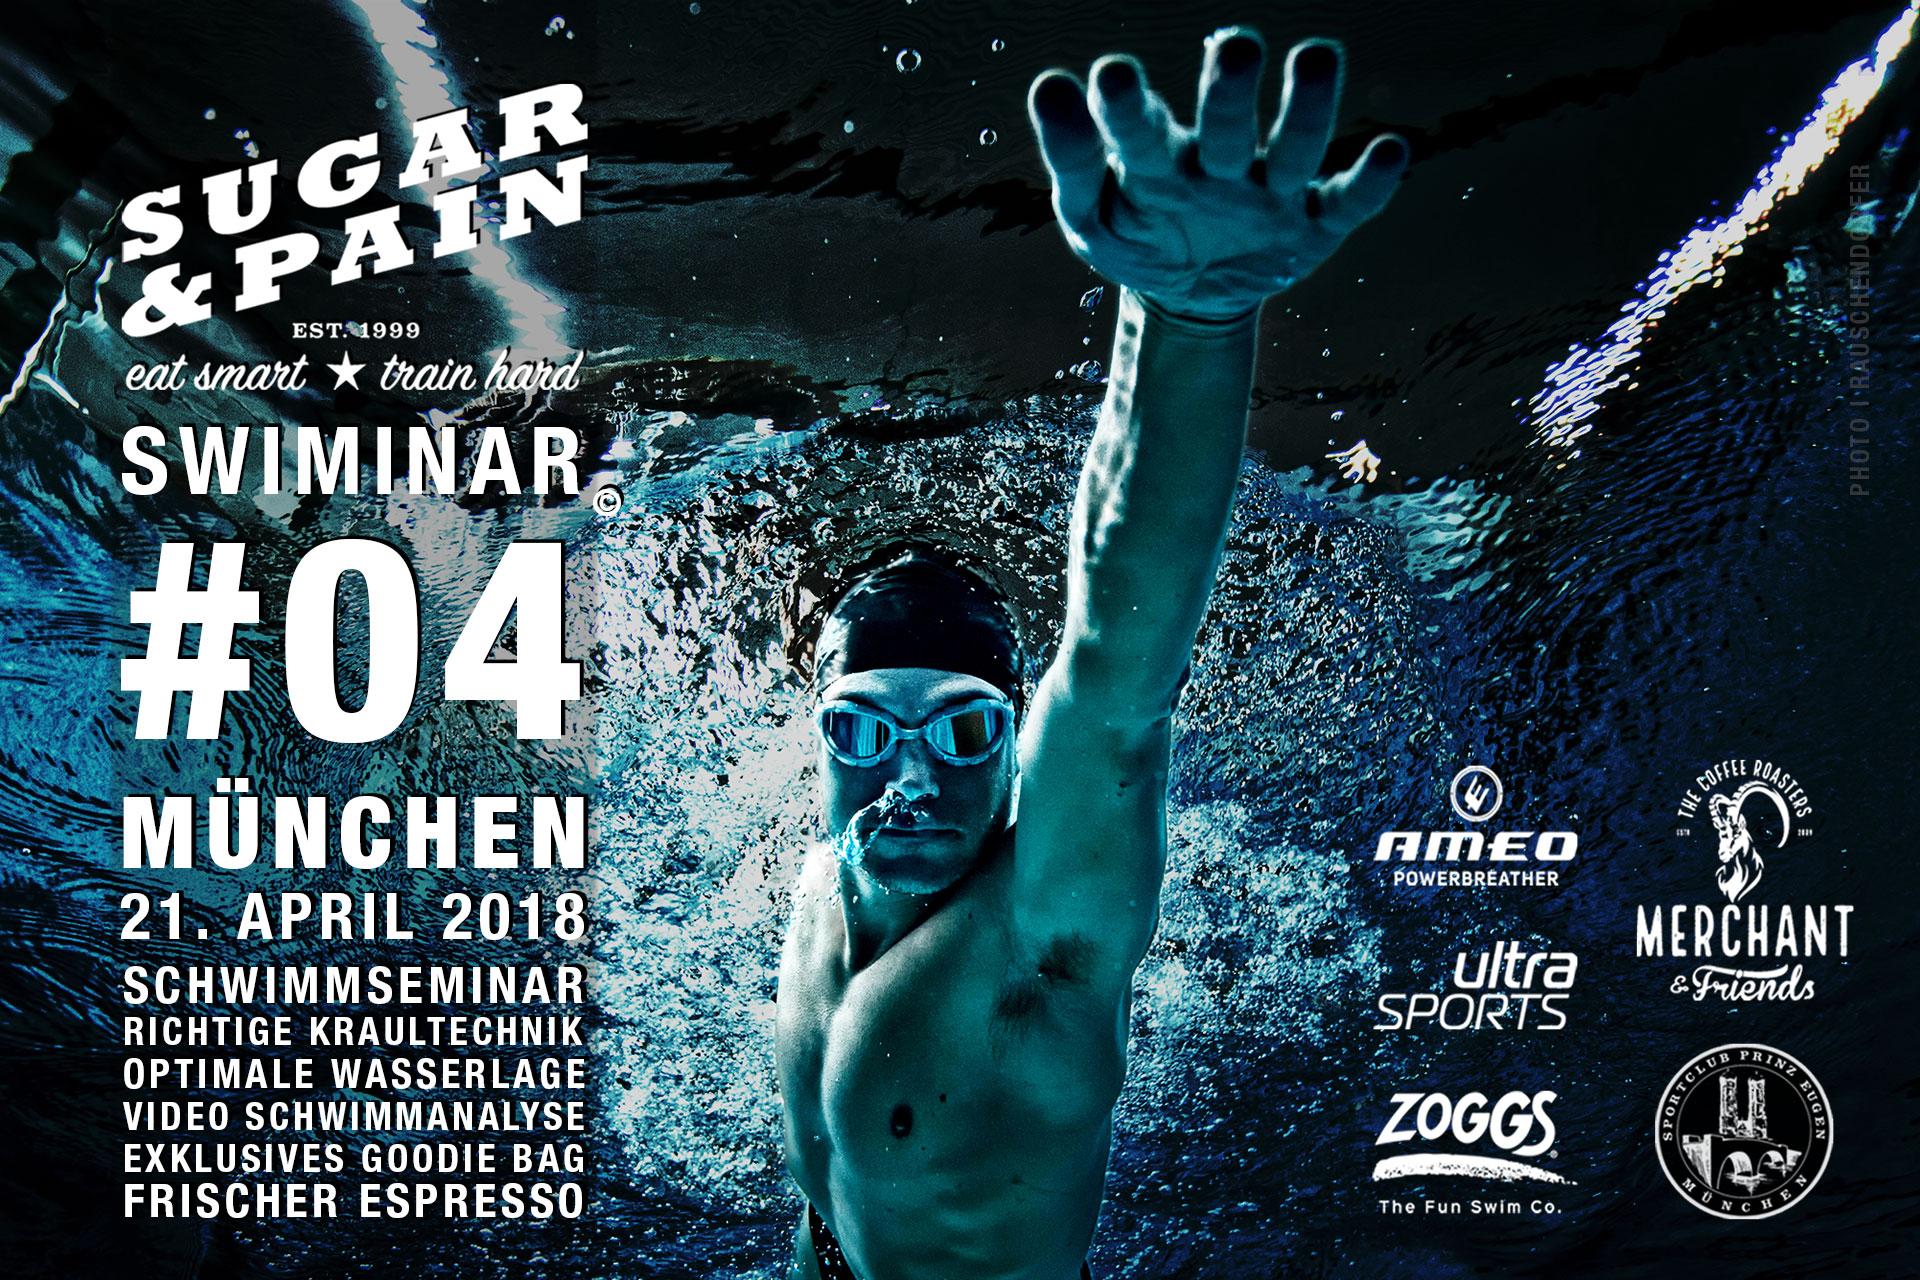 SUGAR & PAIN SWIMINAR #03 | DIE BESSERE KRAULTECHNIK mit DTU Triathlon Trainer und Sportwissenschaftler, Stefan Drexl © stefandrexl.com